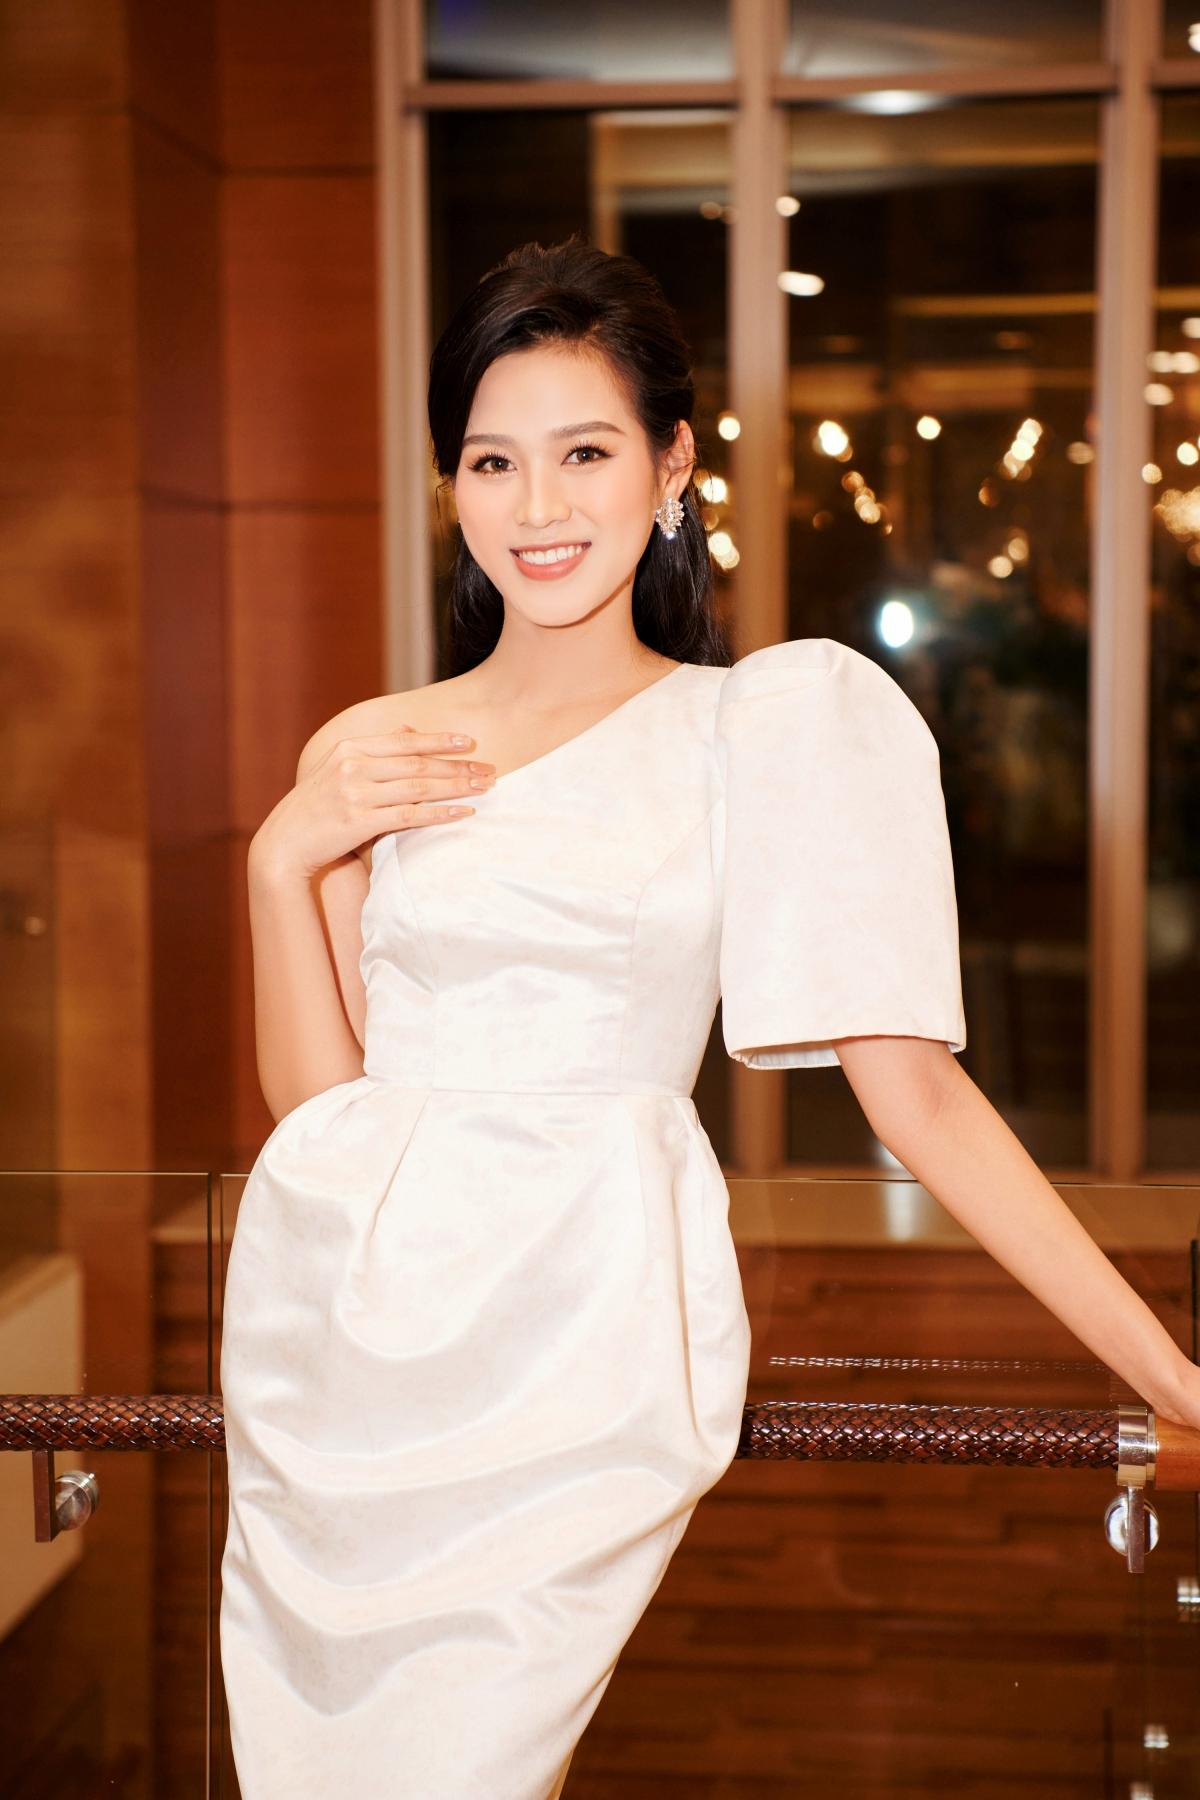 Thời gian tới, người đẹp gốc Thanh Hóa lên kế hoạch tích cực rèn luyện hoàn thiện về mọi mặt nhằm chuẩn bị hành trang tới đấu trường nhan sắc thế giới - Miss World.